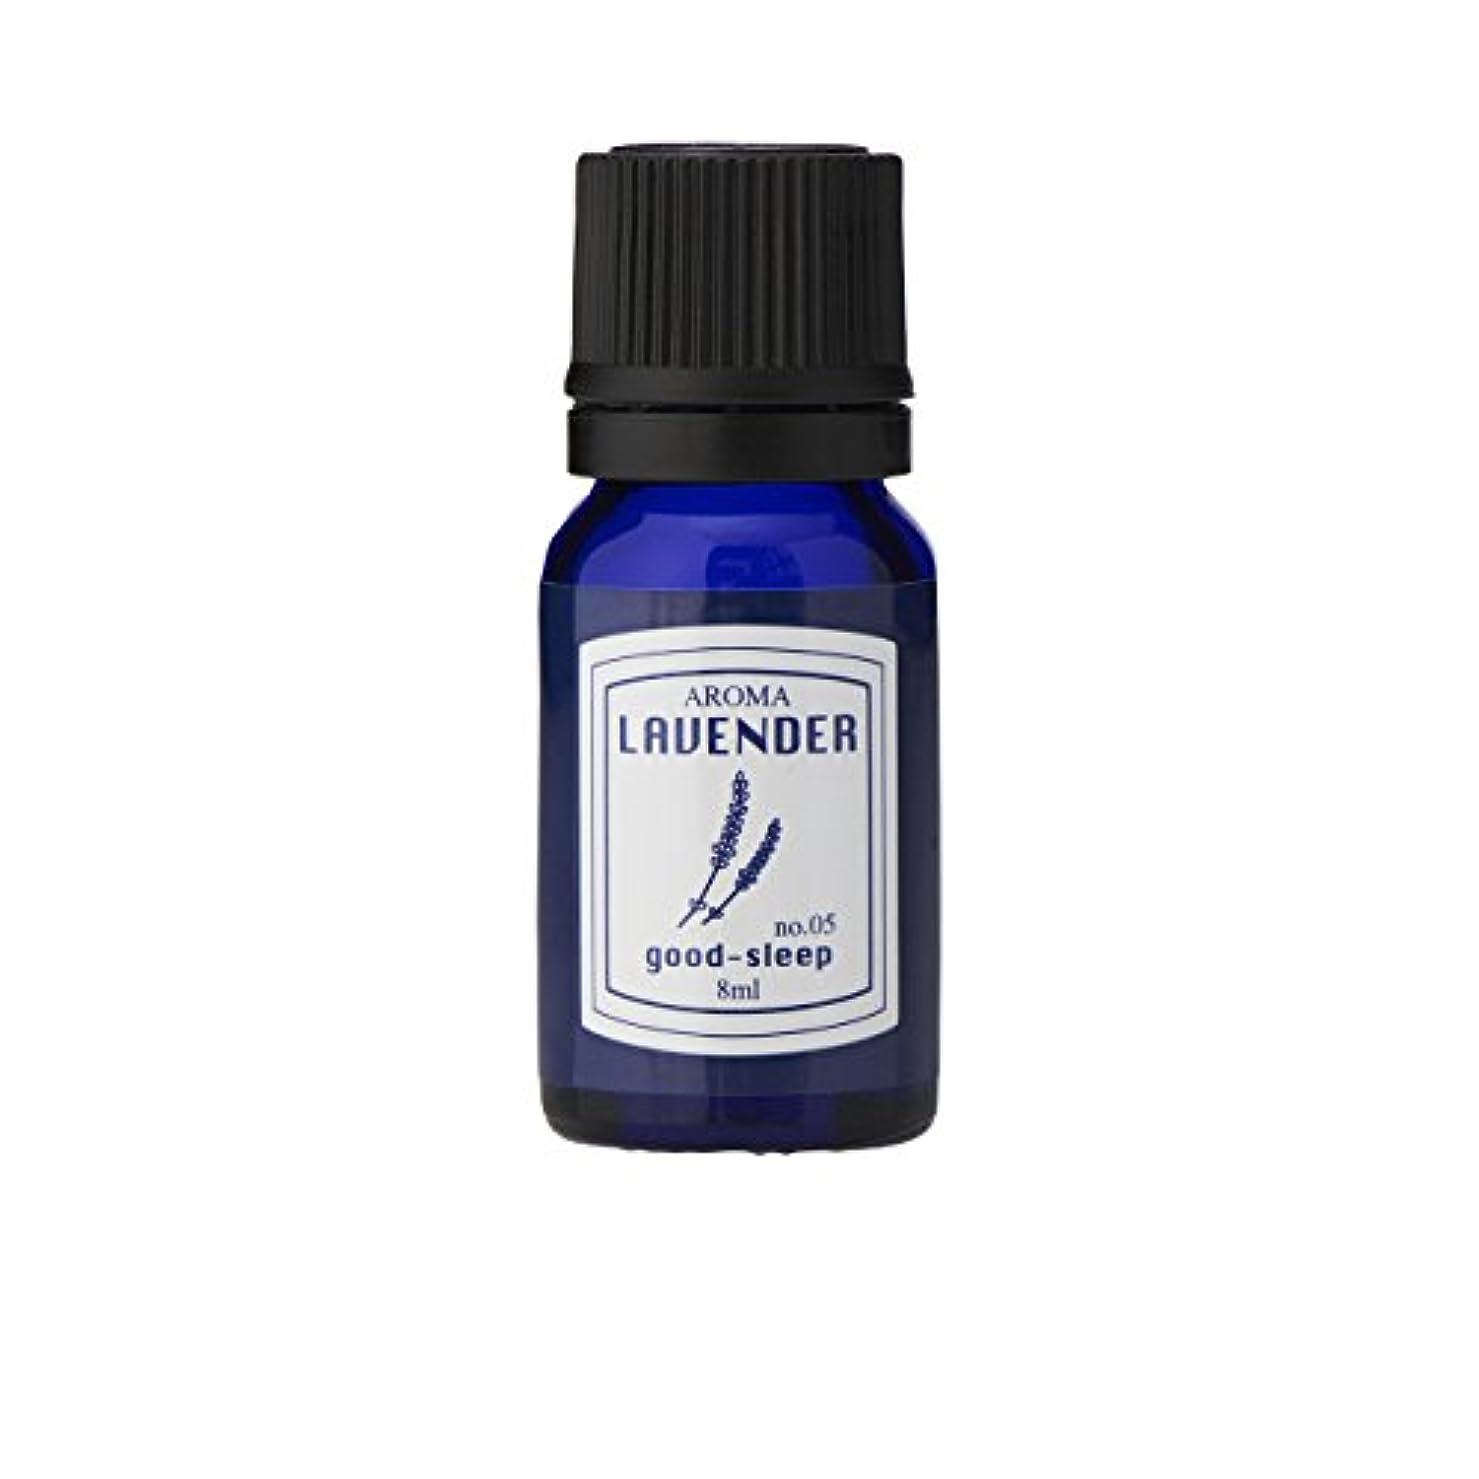 コーナー蒸発少数ブルーラベル アロマエッセンス8ml ラベンダー(アロマオイル 調合香料 芳香用 心落ち着ける清々しい香り)